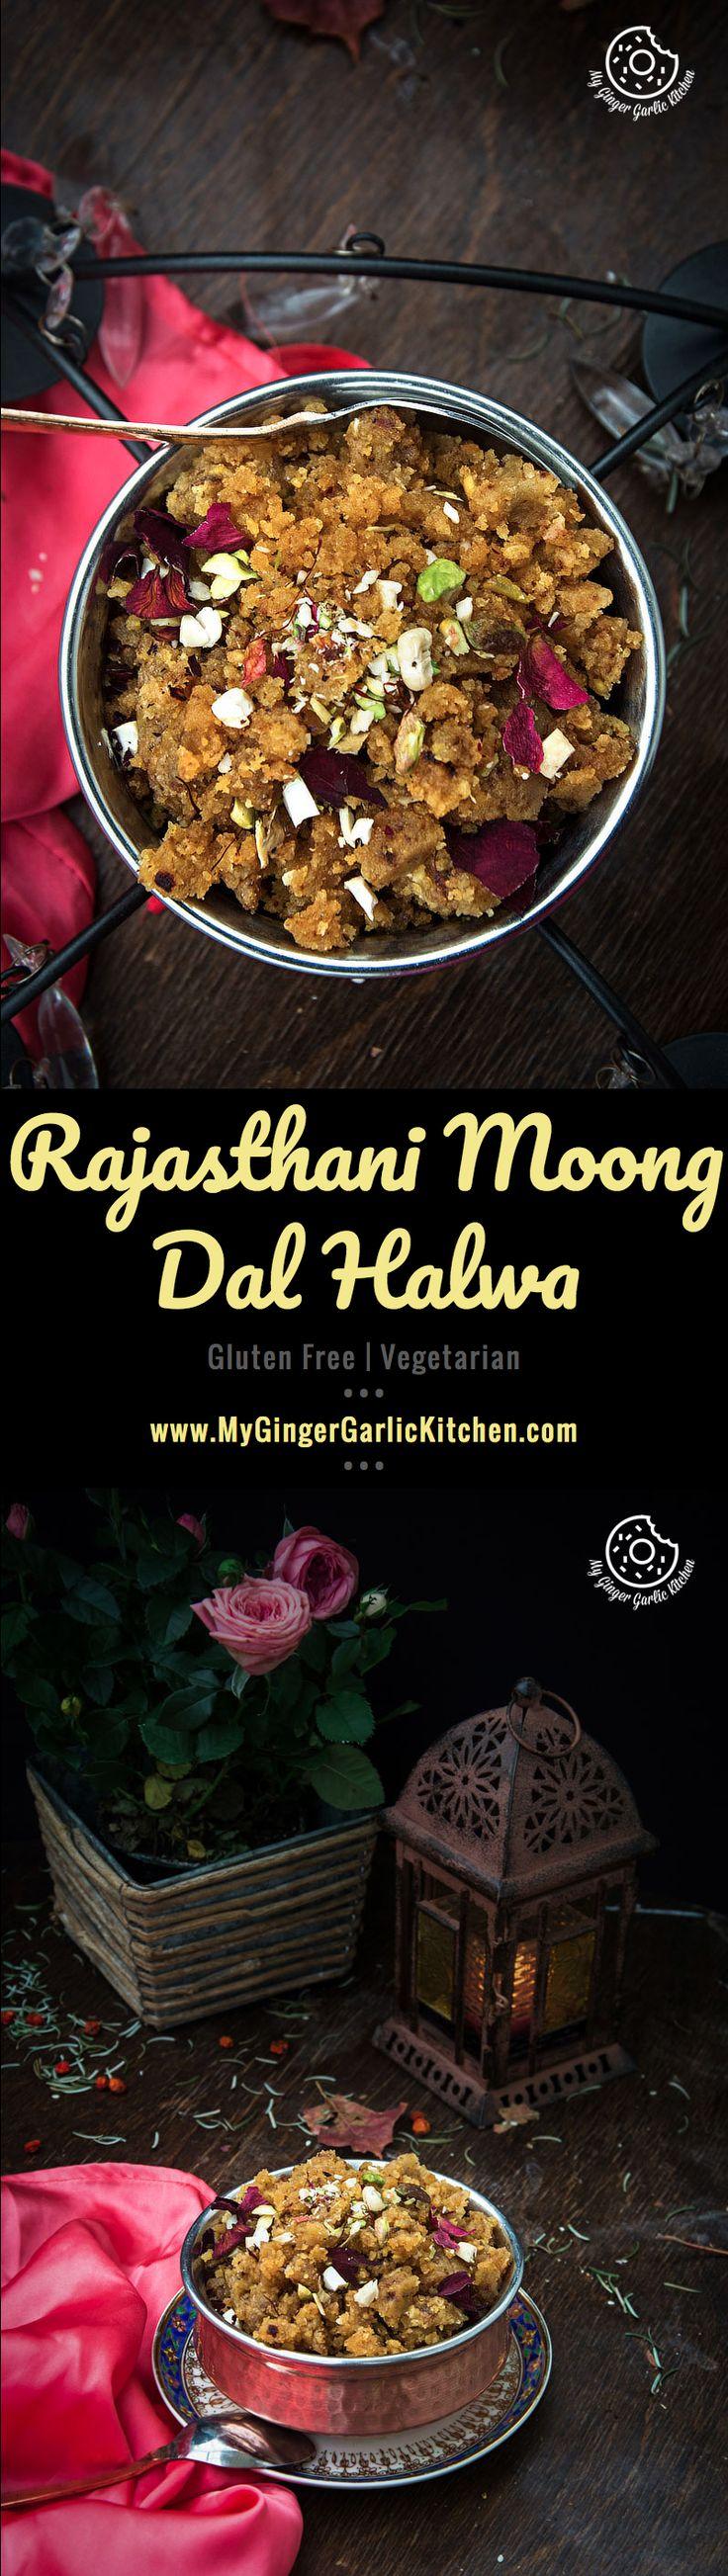 Rajasthani Moong Dal Halwa | mygingergarlickitchen.com/ @anupama_dreams